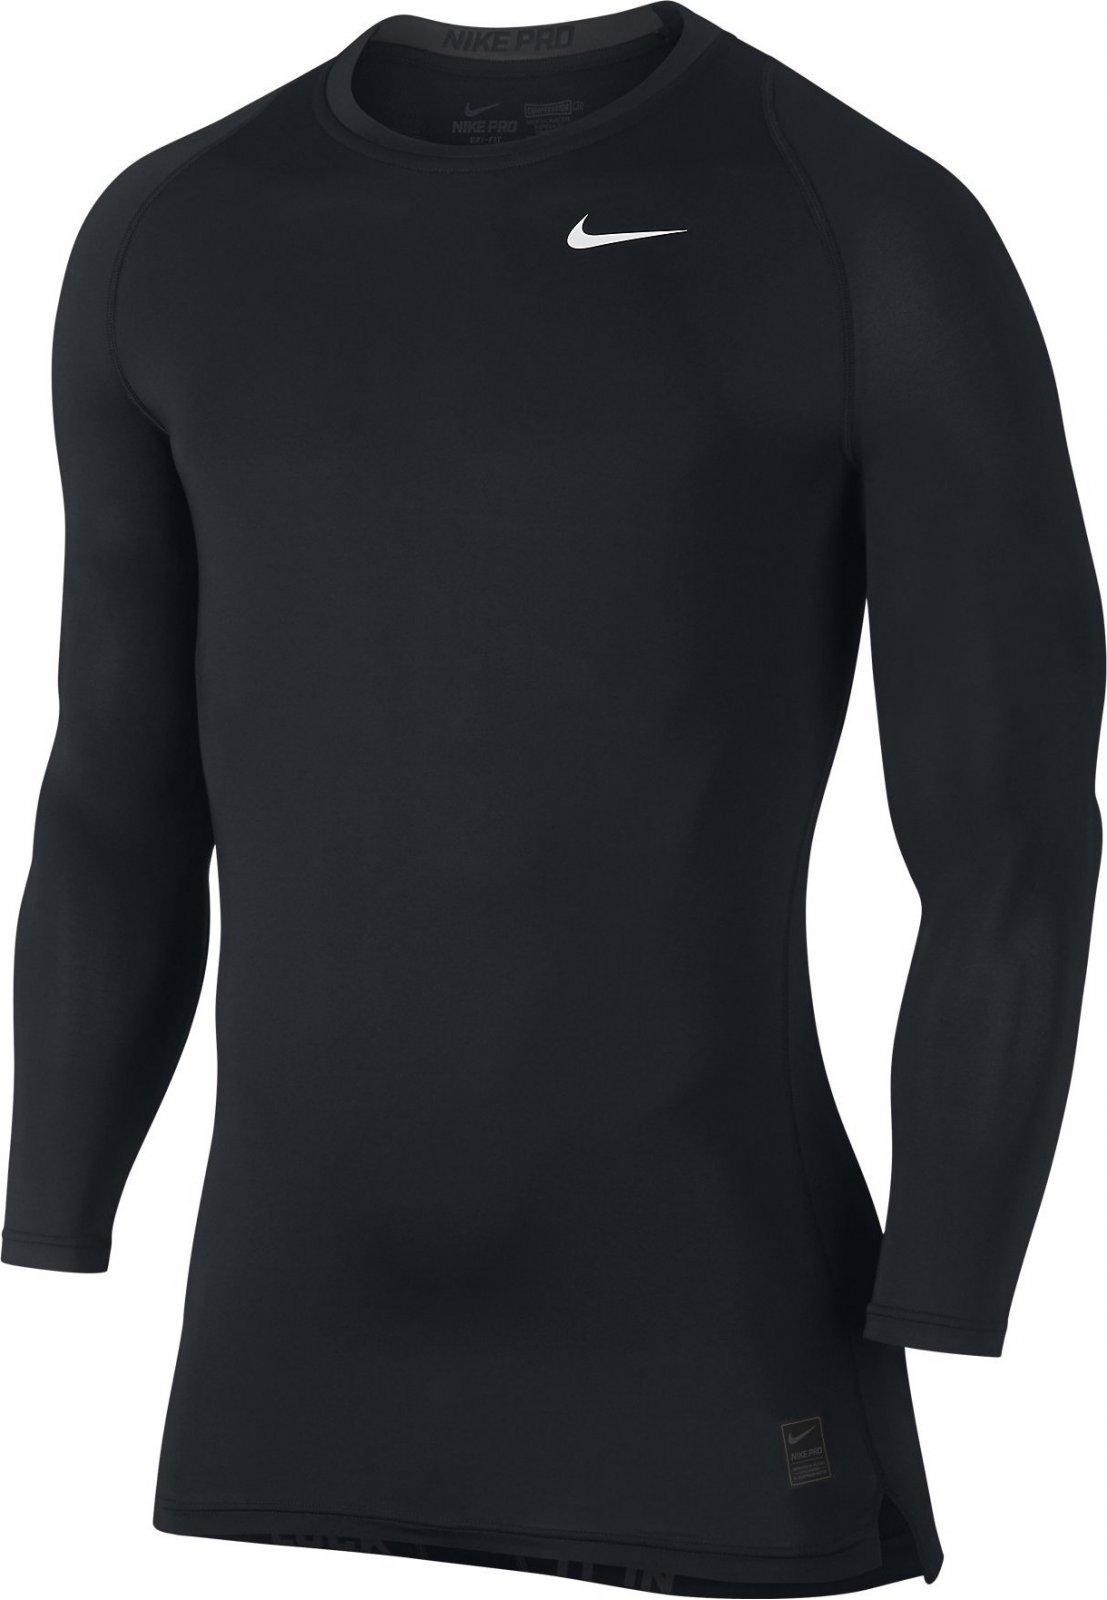 d72705e585f Nike Pro Cool Compression LS 010 Black White od 658 Kč • Zboží.cz